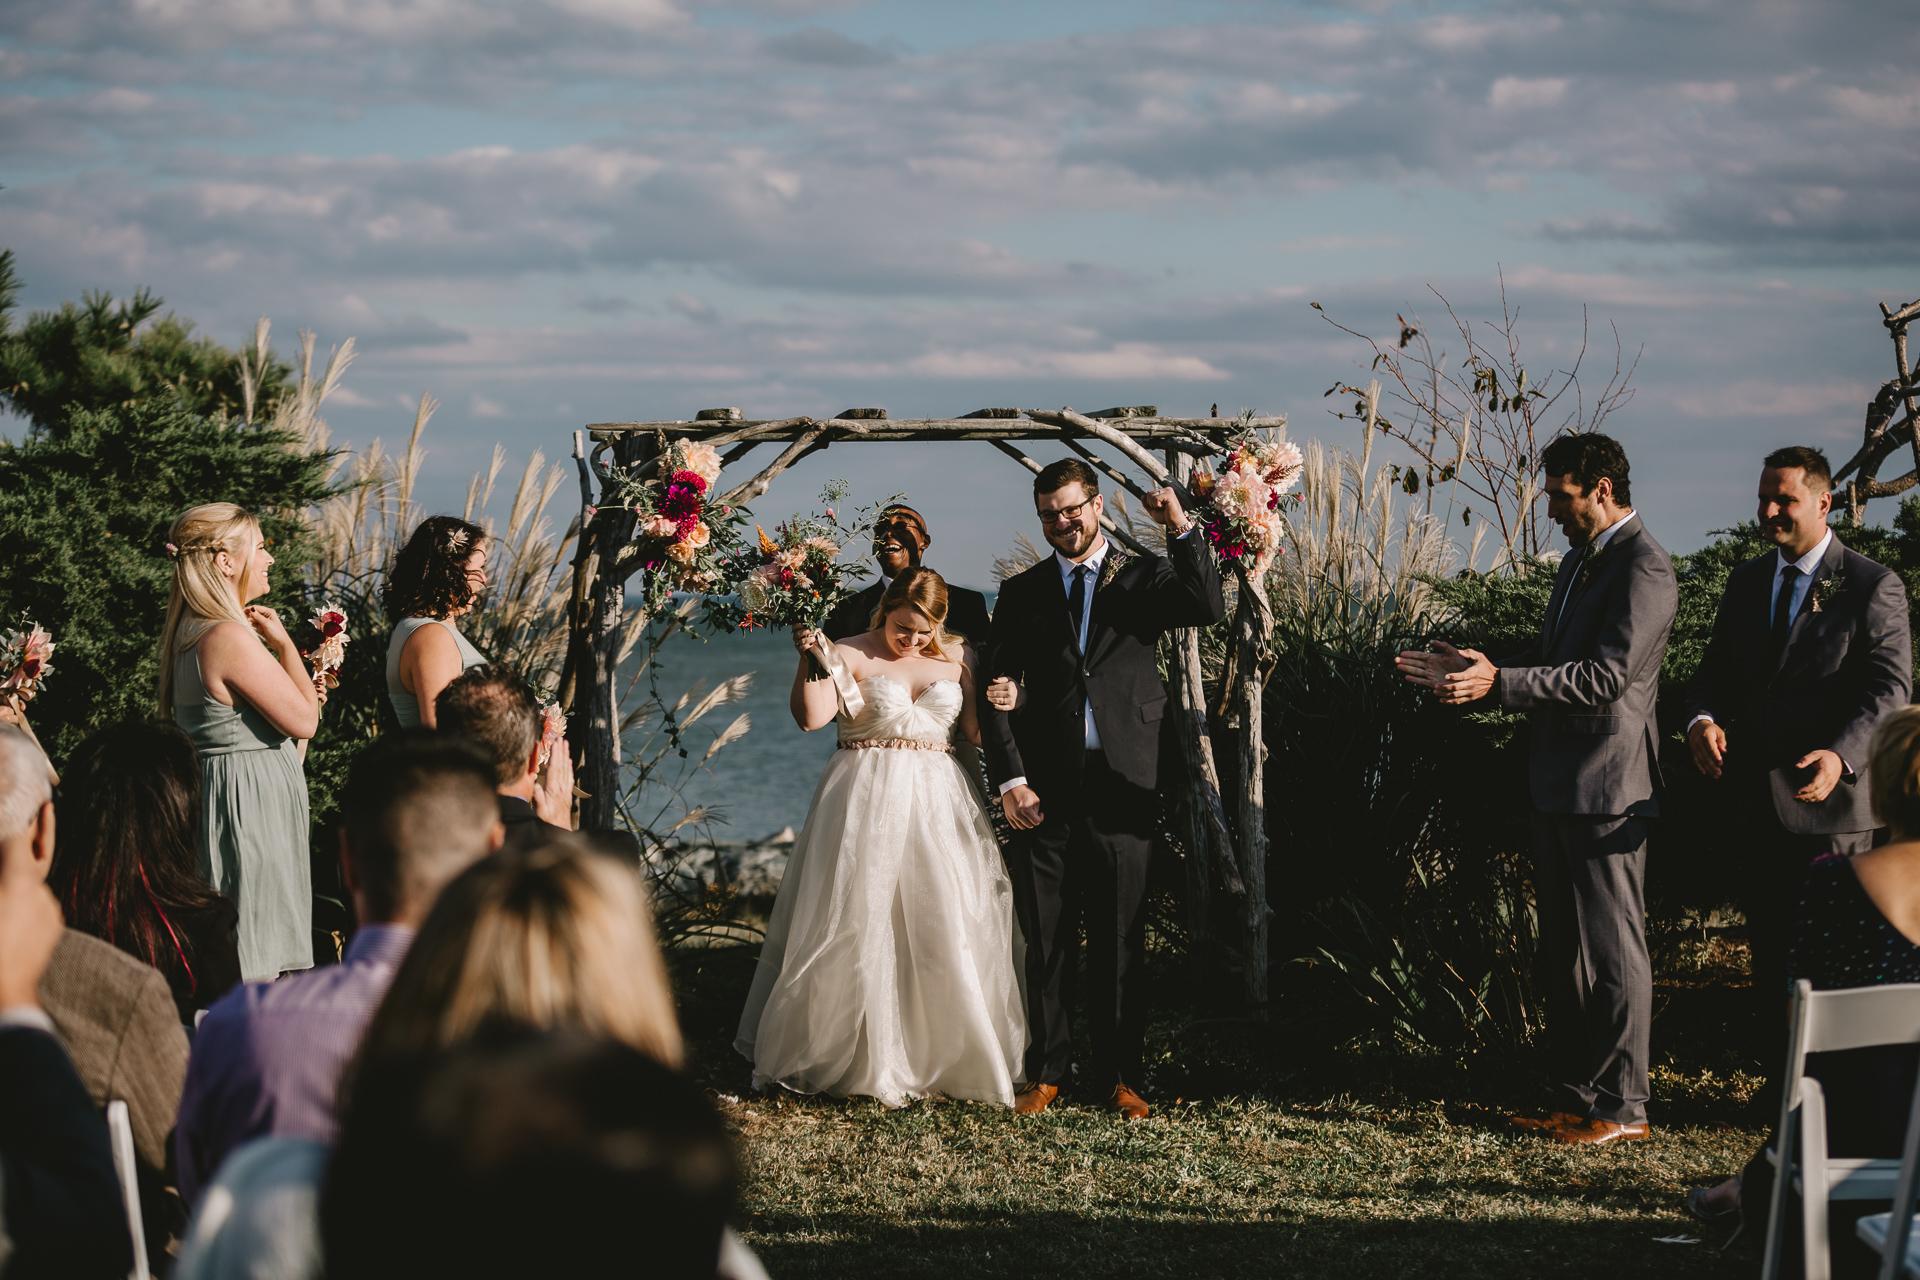 jess-hunter-tilghman-island-wedding-photographer-7687.jpg